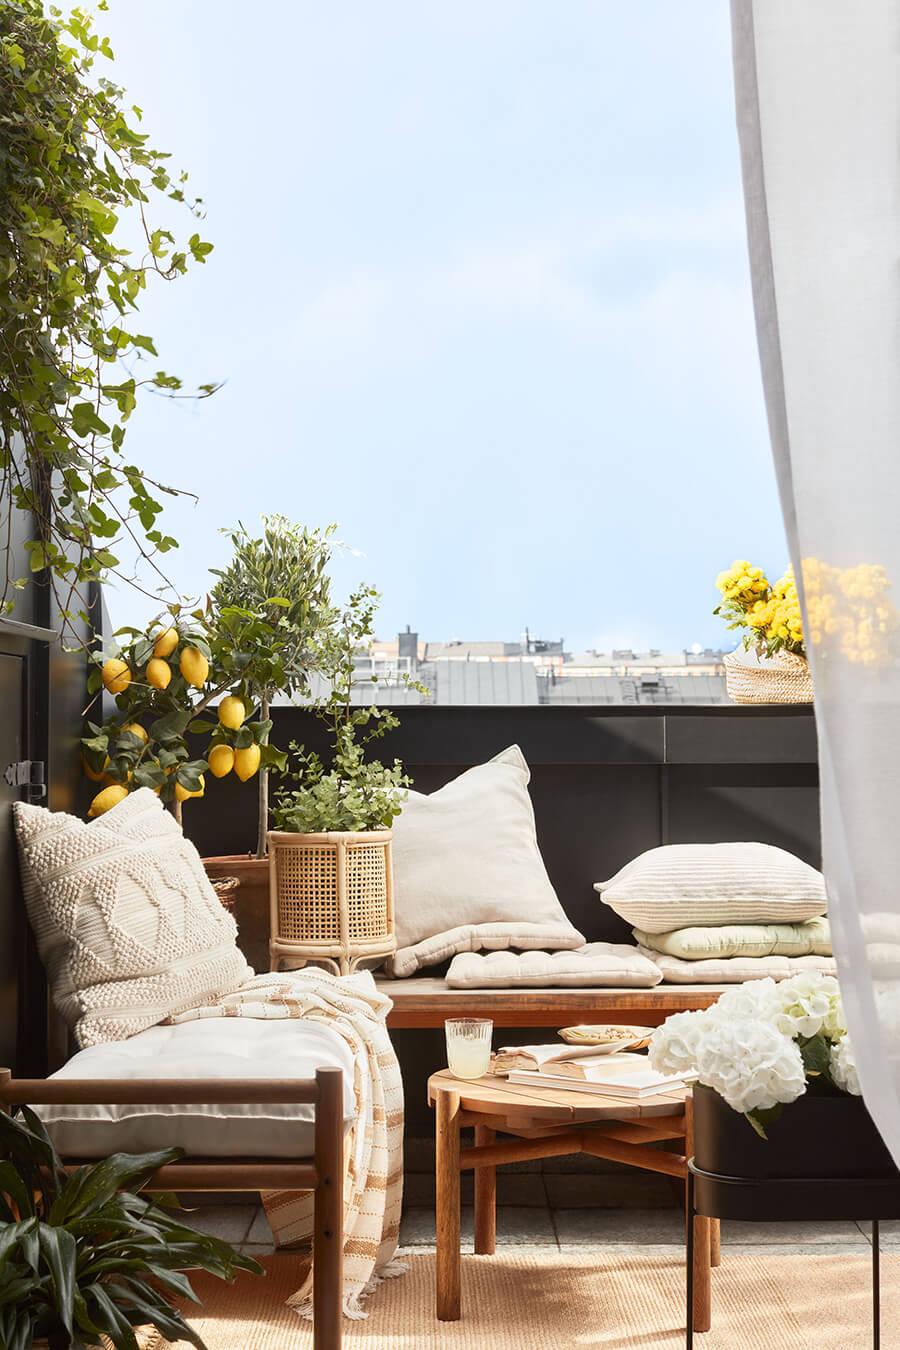 Ma sélection de mobilier de jardin pour profiter des beaux jours